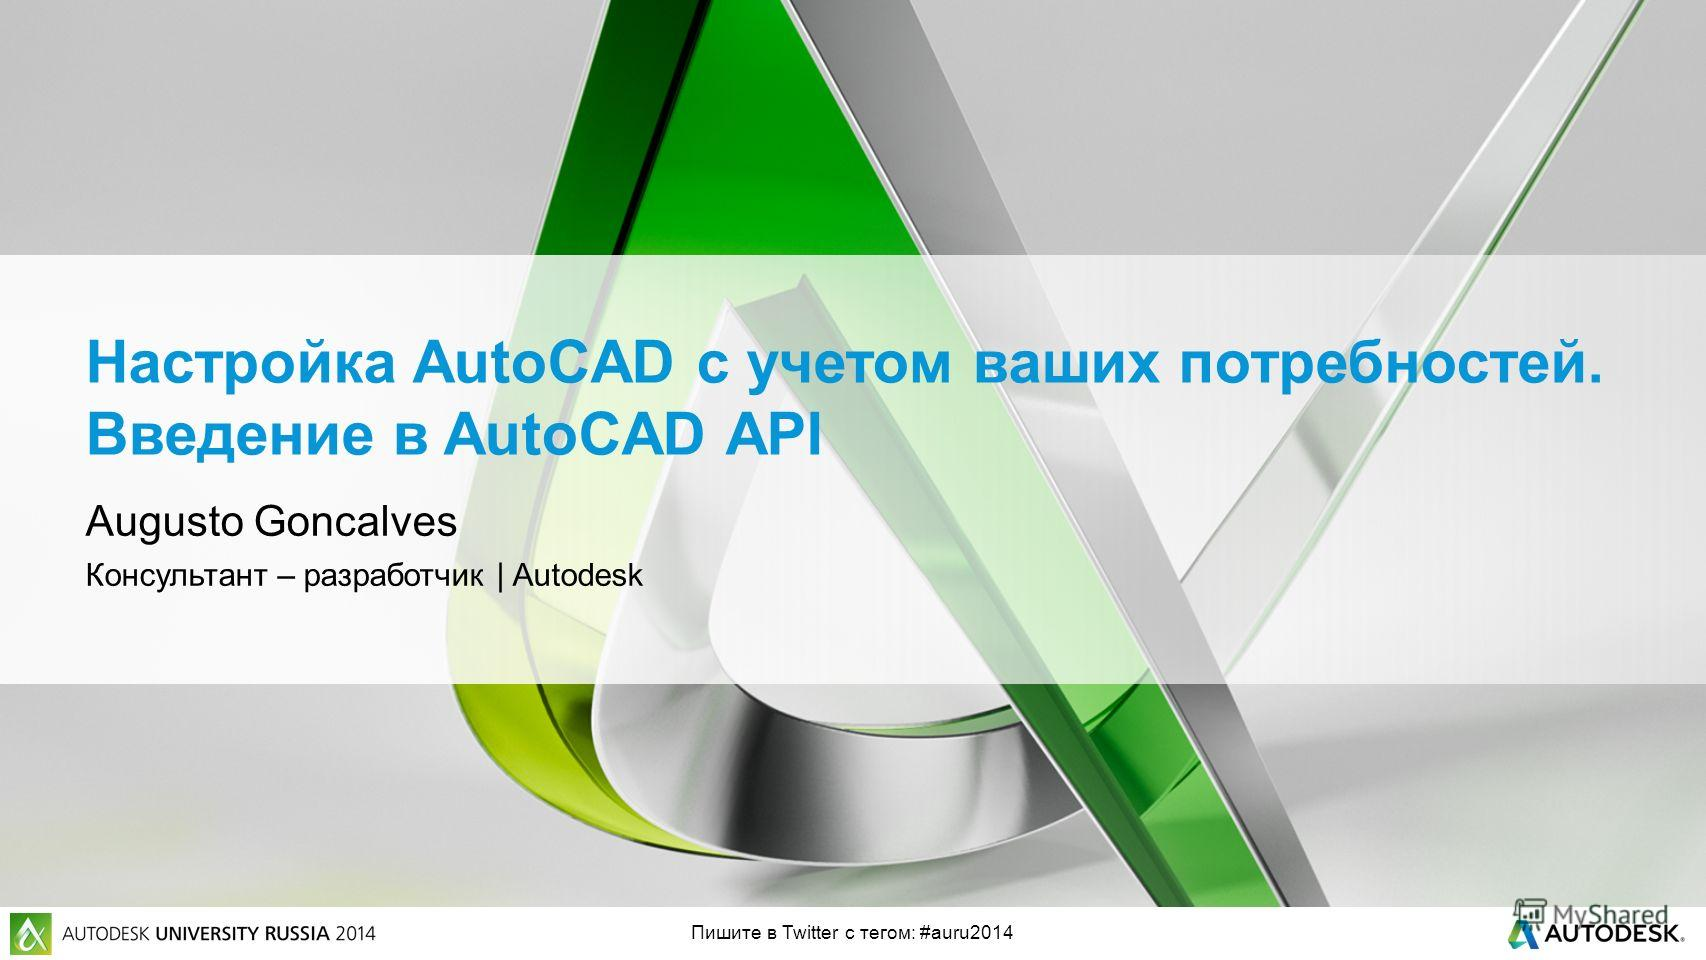 Пишите в Twitter с тегом: #auru2014 Настройка AutoCAD с учетом ваших потребностей. Введение в AutoCAD API Augusto Goncalves Консультант – разработчик | Autodesk